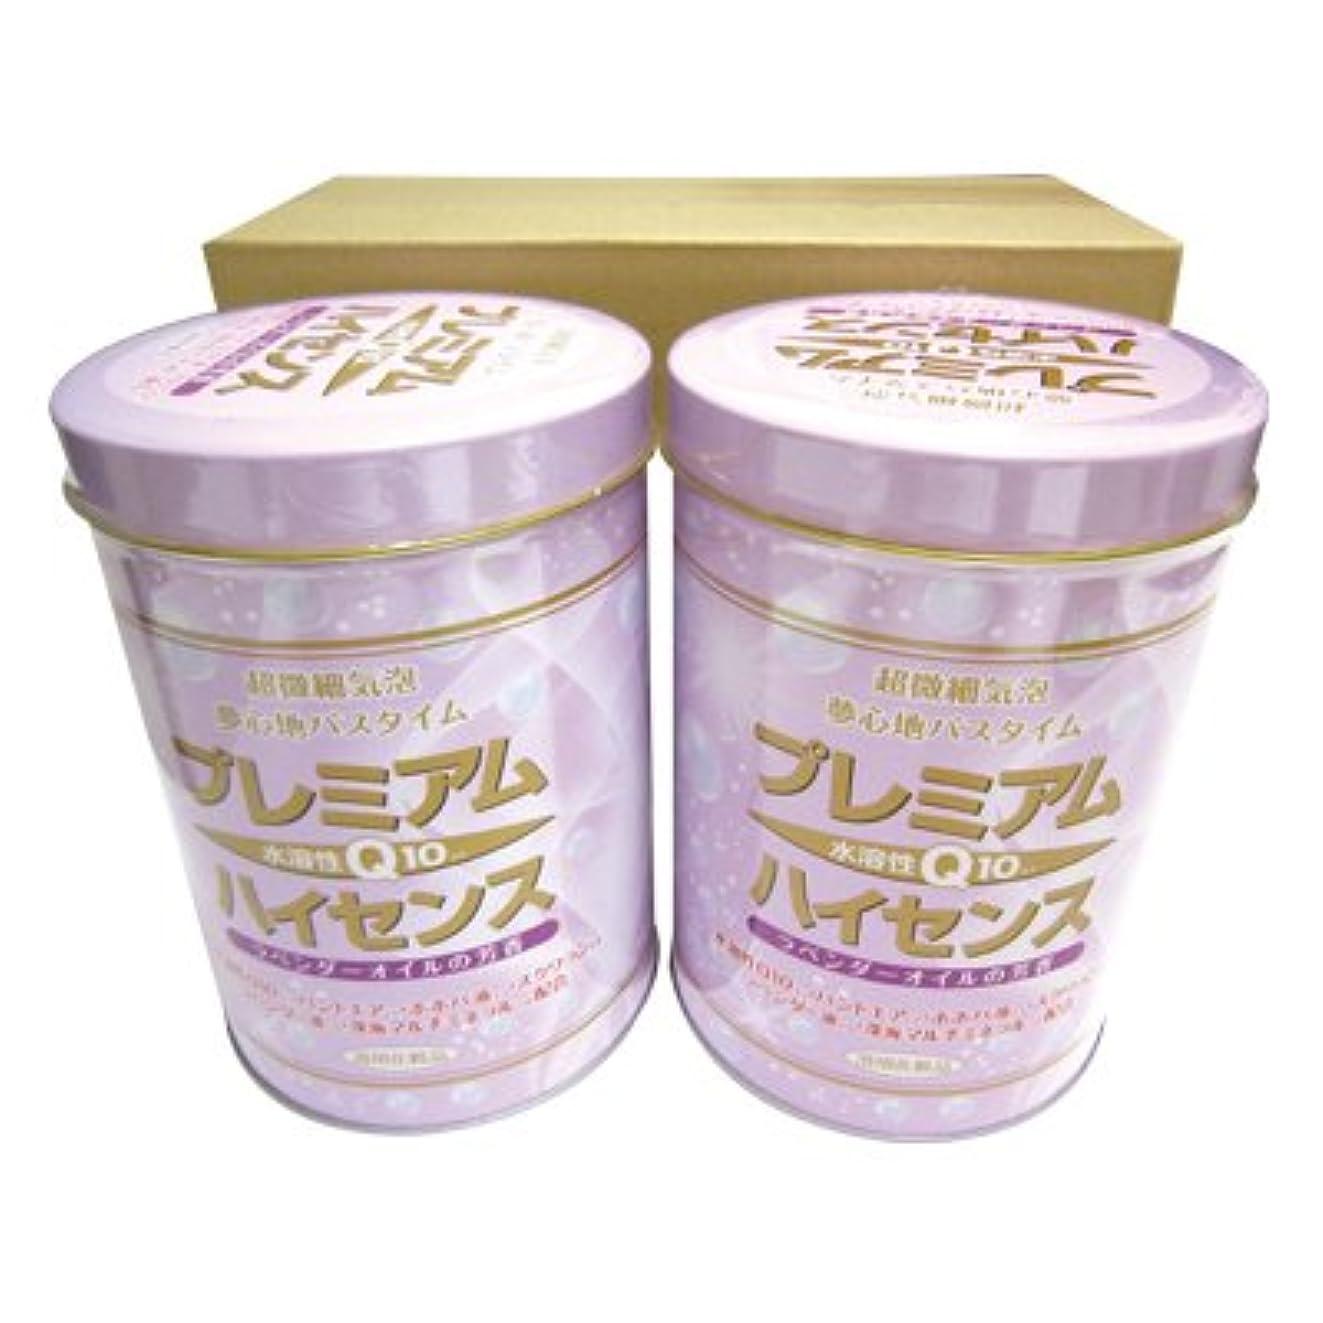 めまい自体バンガロー【高陽社】浴用化粧品 プレミアムハイセンス 2缶セット